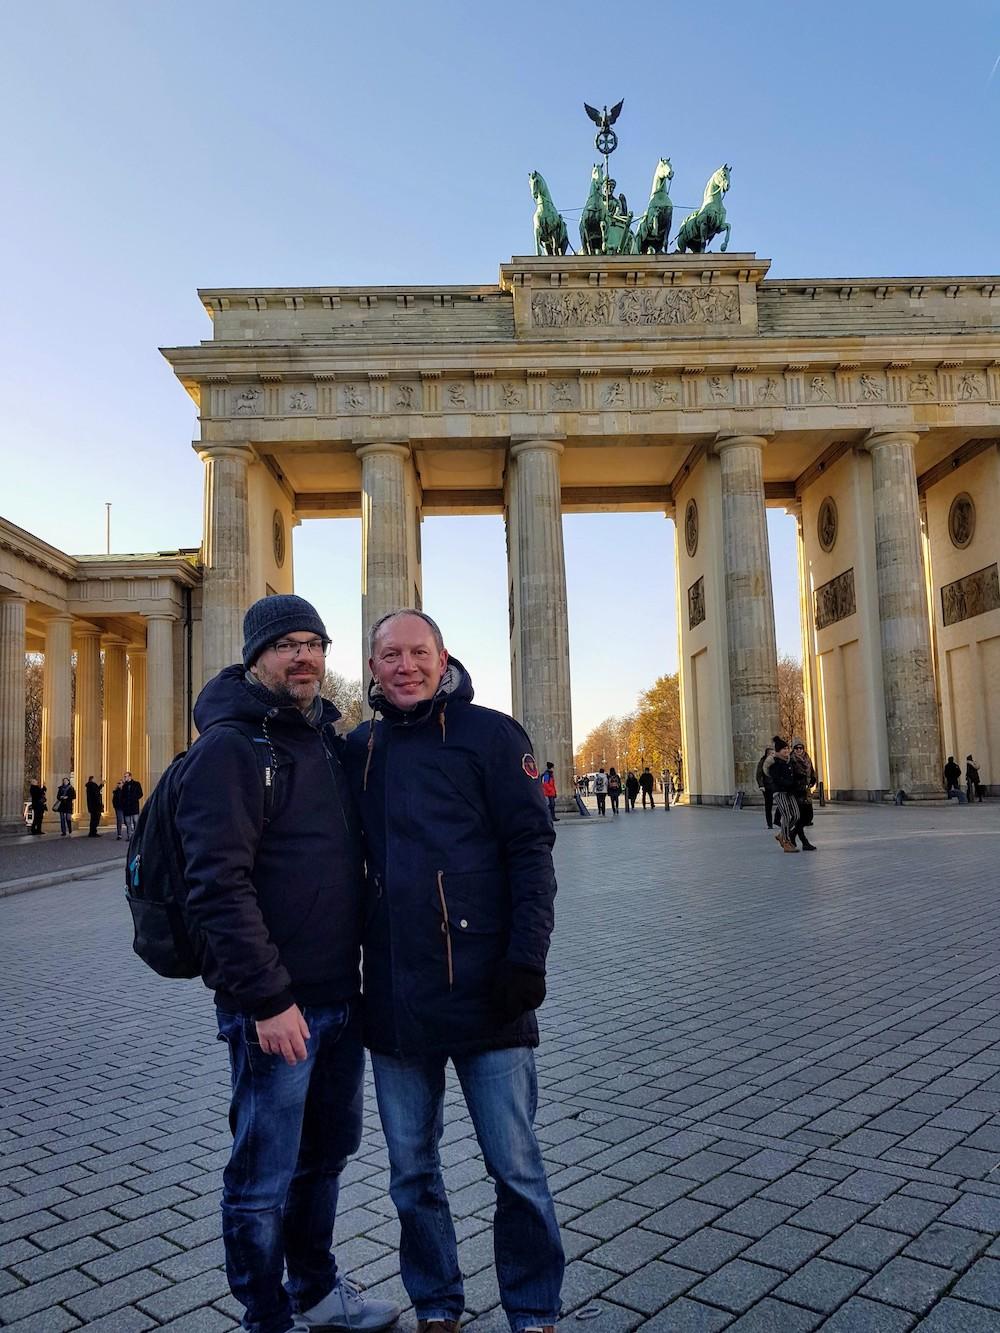 Zwei Reiseblogger vor dem Brandenburger Tor in Berlin